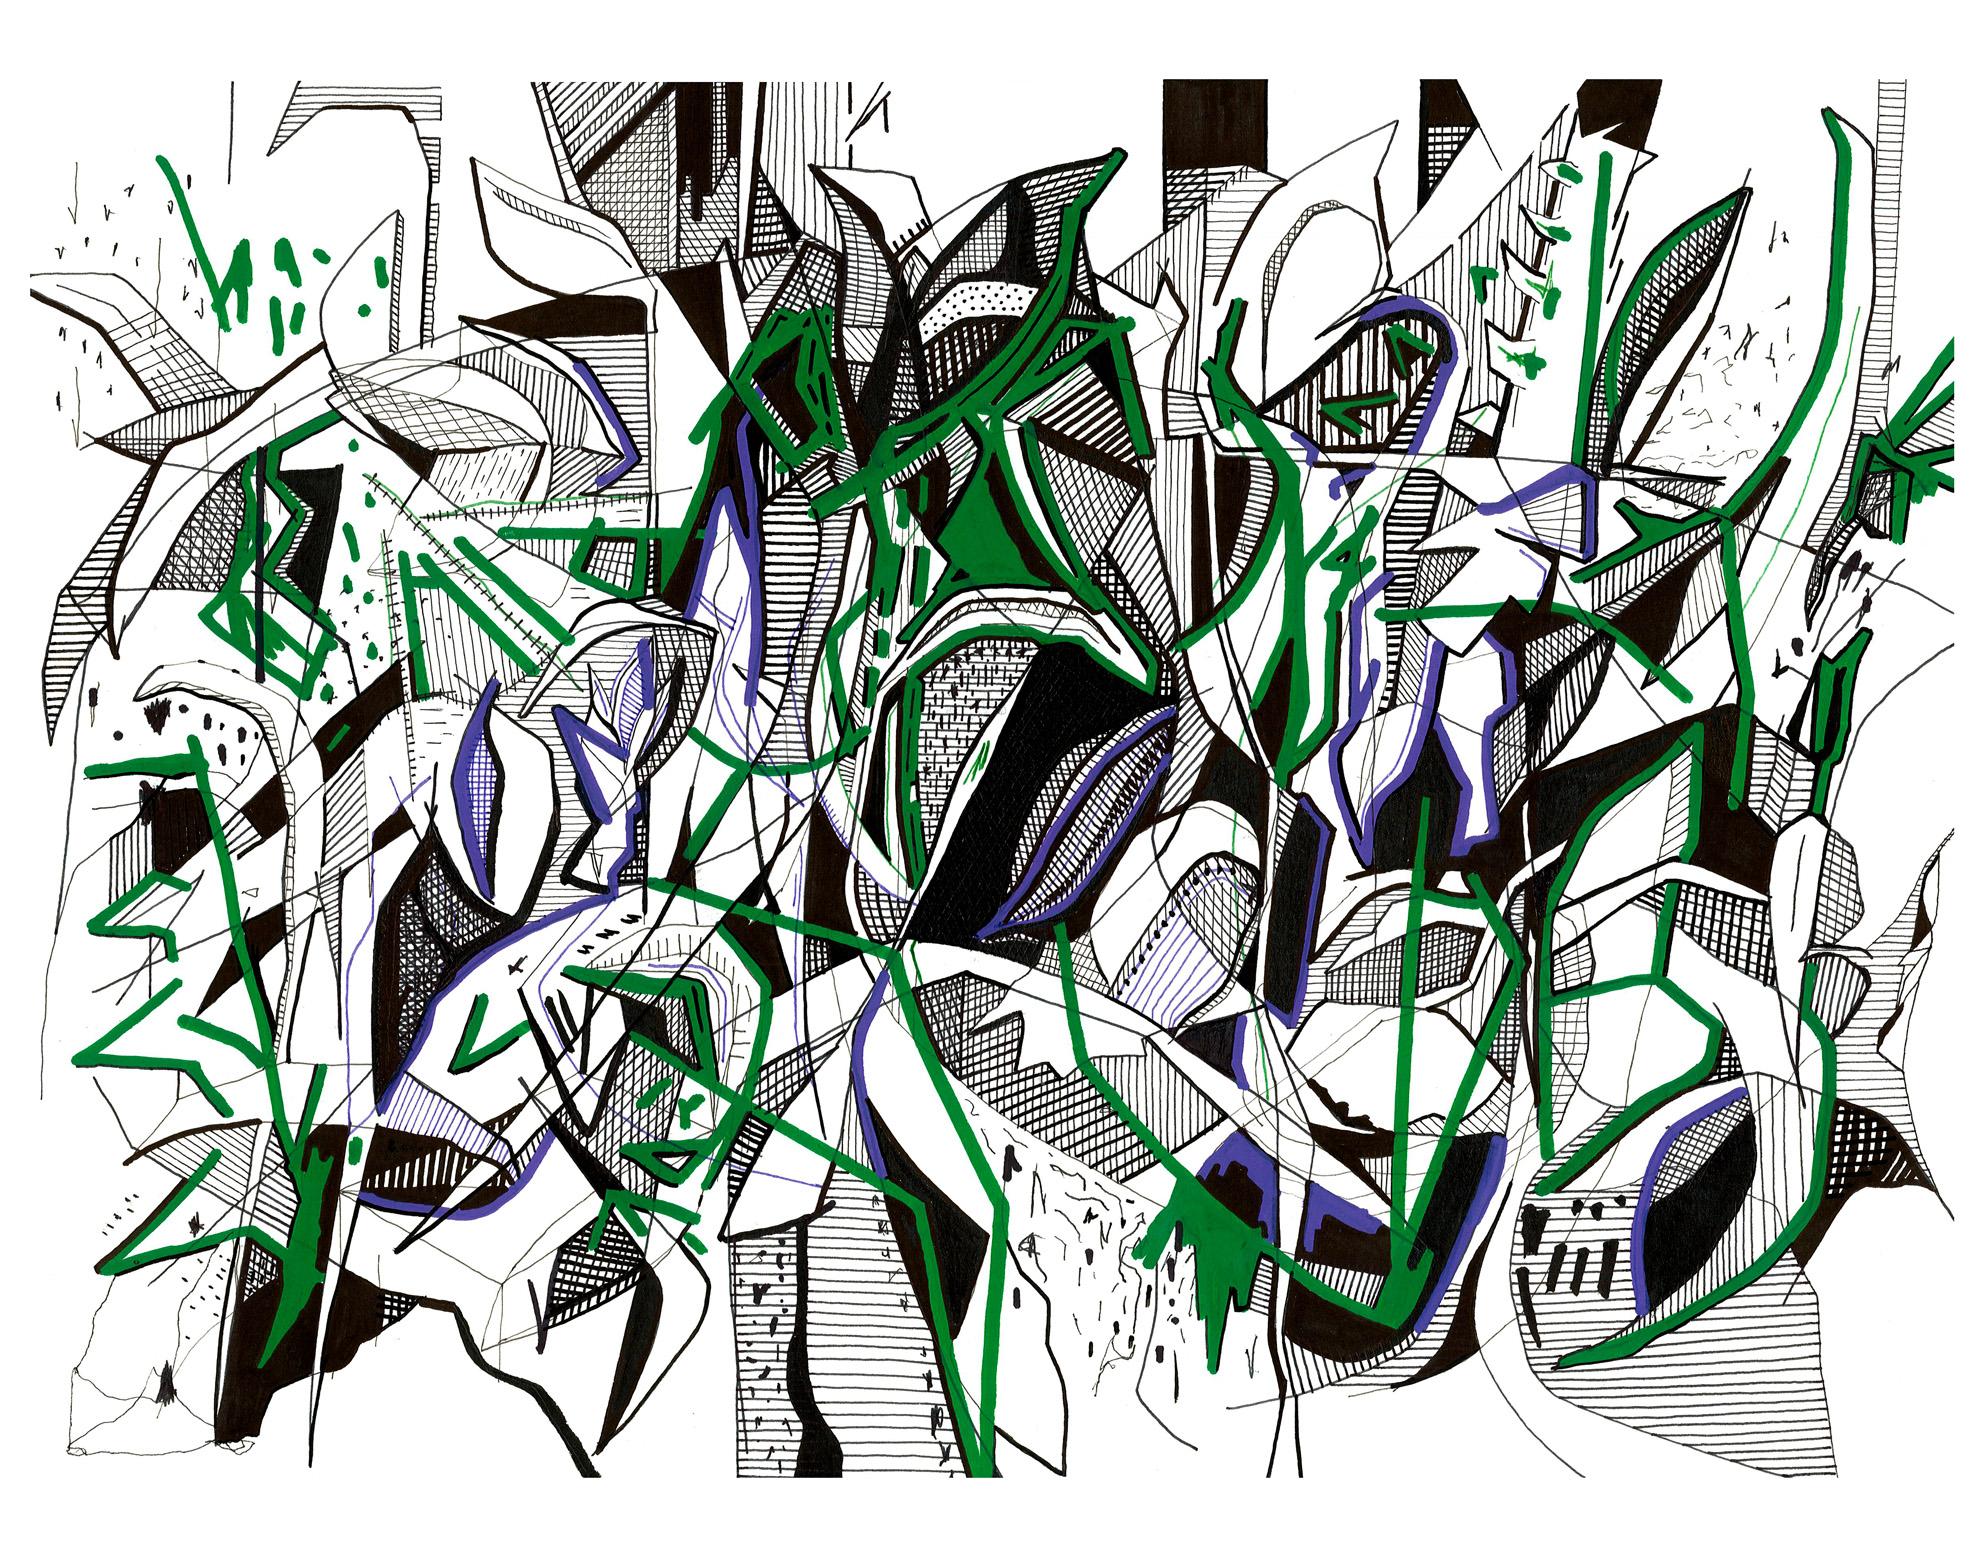 M E 2 A 3 C - tinta sobre papel 30 x 40cm w.jpg